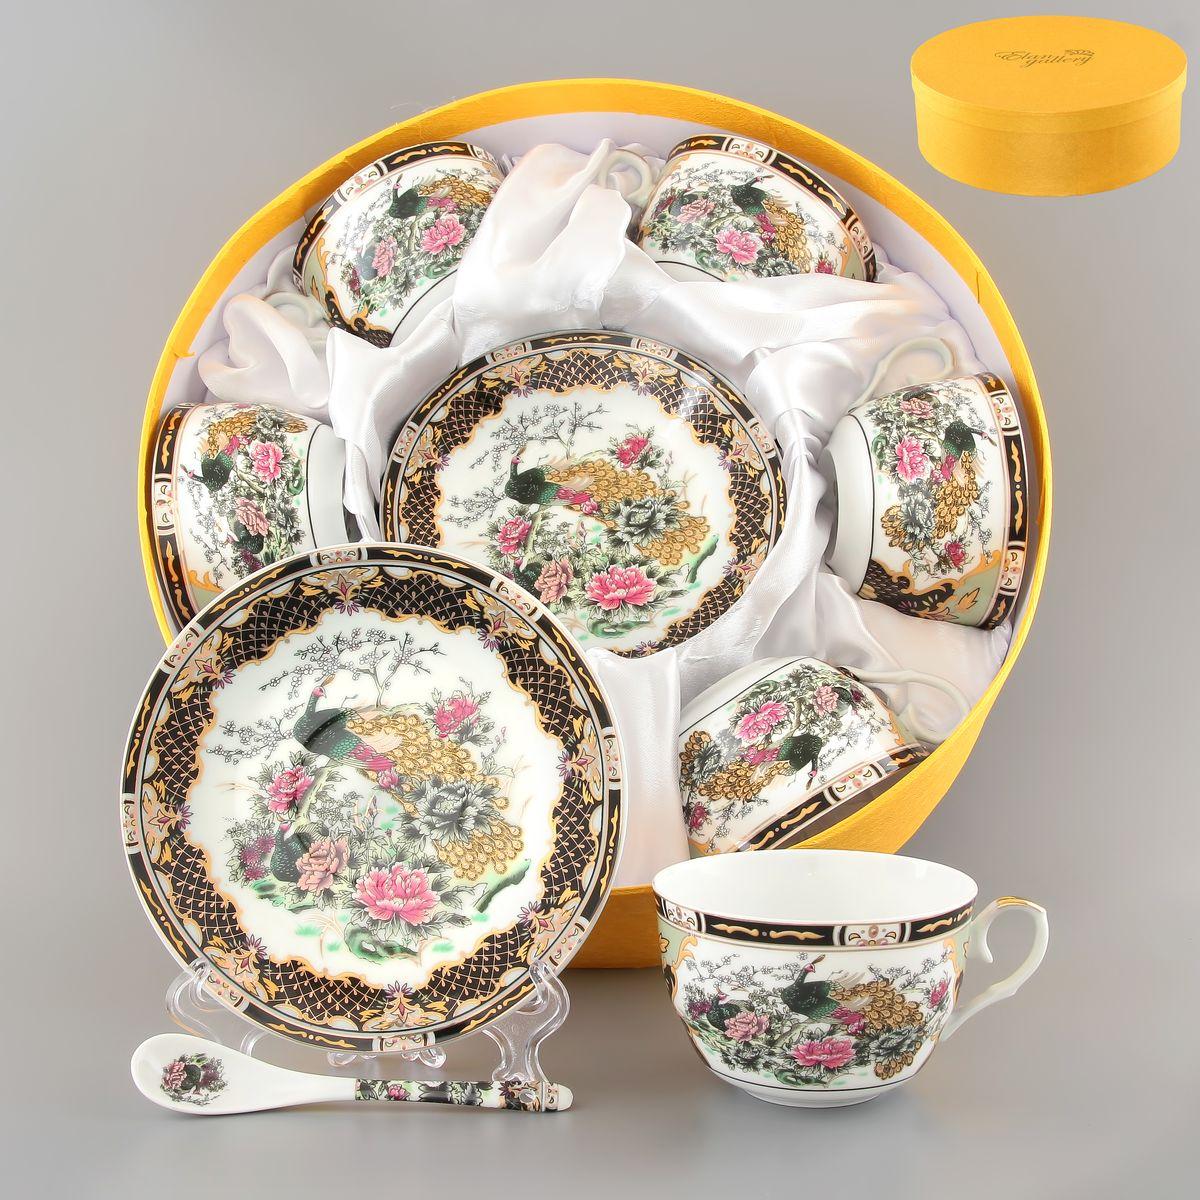 Набор чайный Elan Gallery Павлин на золоте, 18 предметов180786Чайный набор Elan Gallery Павлин на золоте состоит из 6 чашек, 6 блюдец и 6 ложек. Изделия, выполненные из высококачественной керамики, имеют элегантный дизайн и классическую форму. Такой набор прекрасно подойдет как для повседневного использования, так и для праздников. Чайный набор Elan Gallery Павлин на золоте - это не только яркий и полезный подарок для родных и близких, это также великолепное дизайнерское решение для вашей кухни или столовой. Не использовать в микроволновой печи. Объем чашки: 250 мл. Диаметр чашки (по верхнему краю): 9,5 см. Высота чашки: 6 см. Диаметр блюдца (по верхнему краю): 14 см. Высота блюдца: 2 см. Длина ложки: 12,5 см.